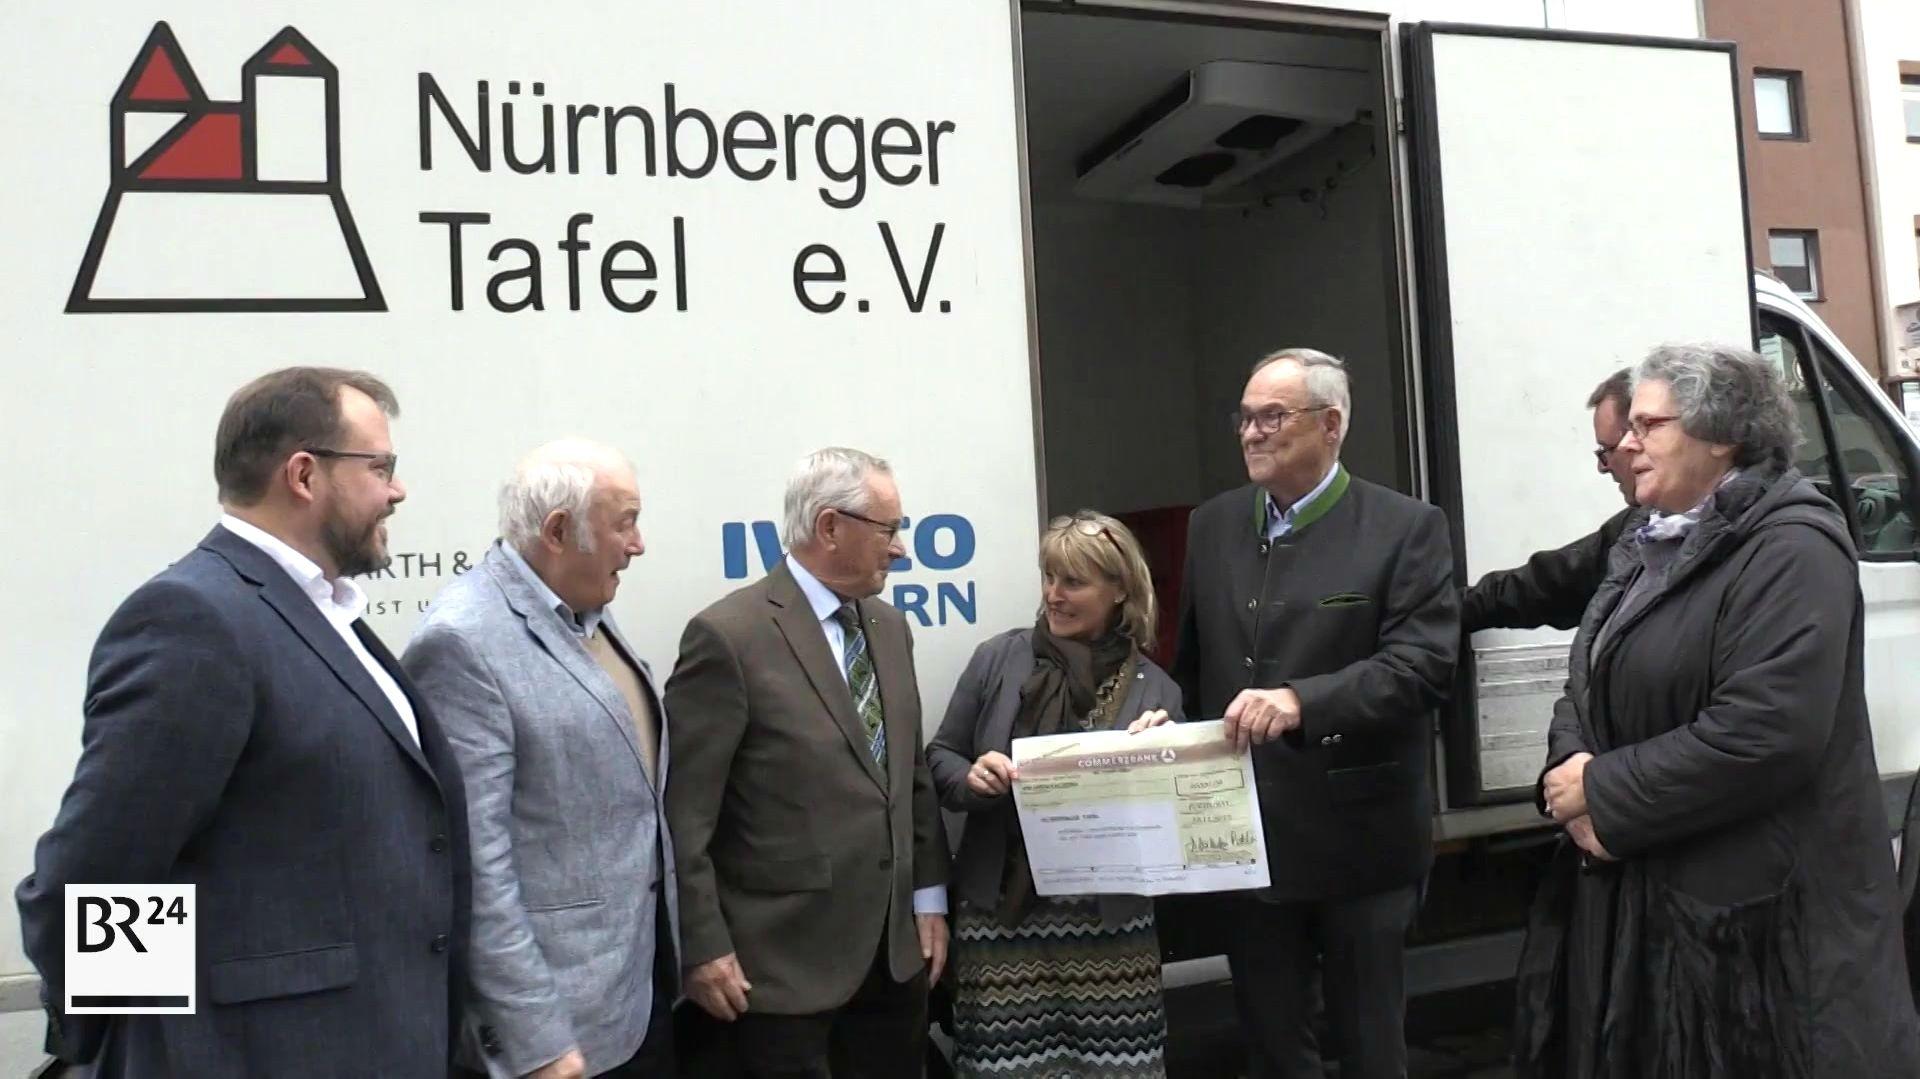 Die Nürnberger Tafel hat 20.000 Euro von der Stiftung des Norma-Gründers Manfred Roth erhalten.